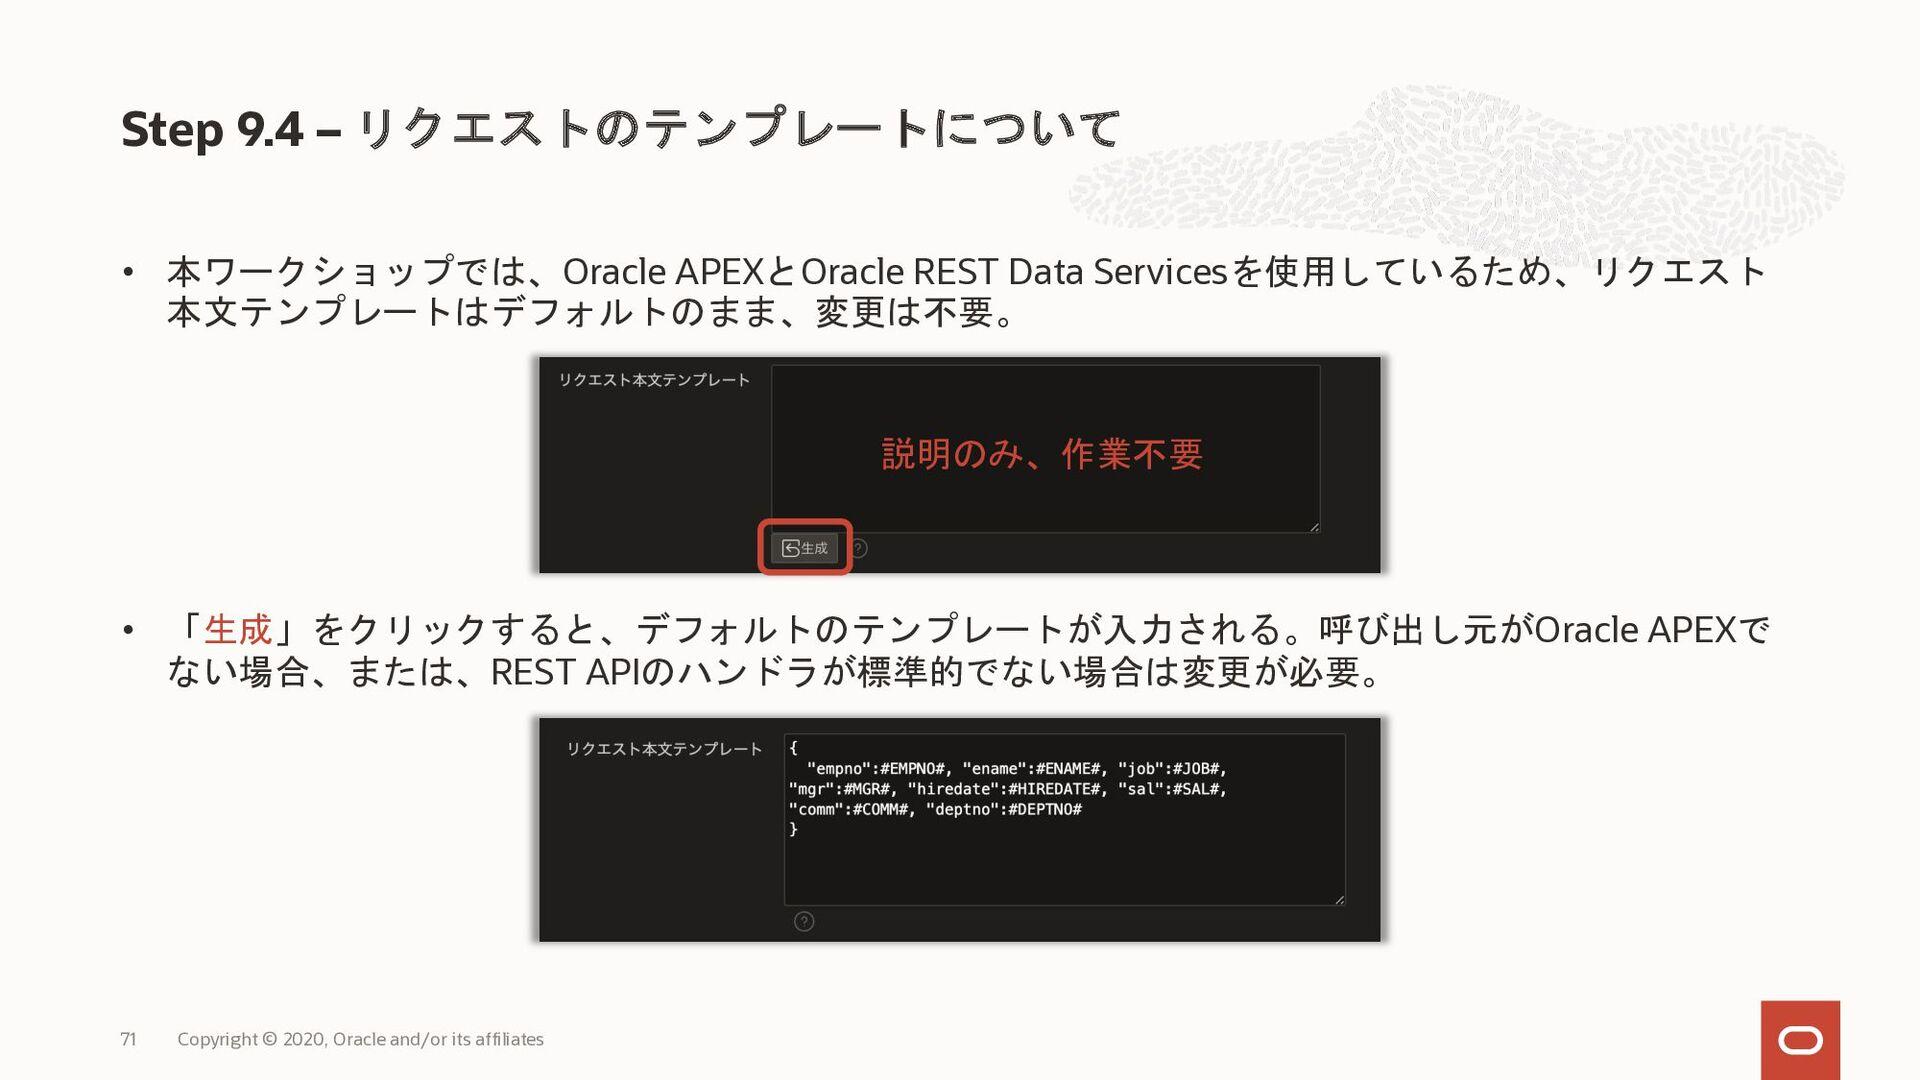 • 本ワークショップでは、Oracle APEXとOracle REST Data Servi...